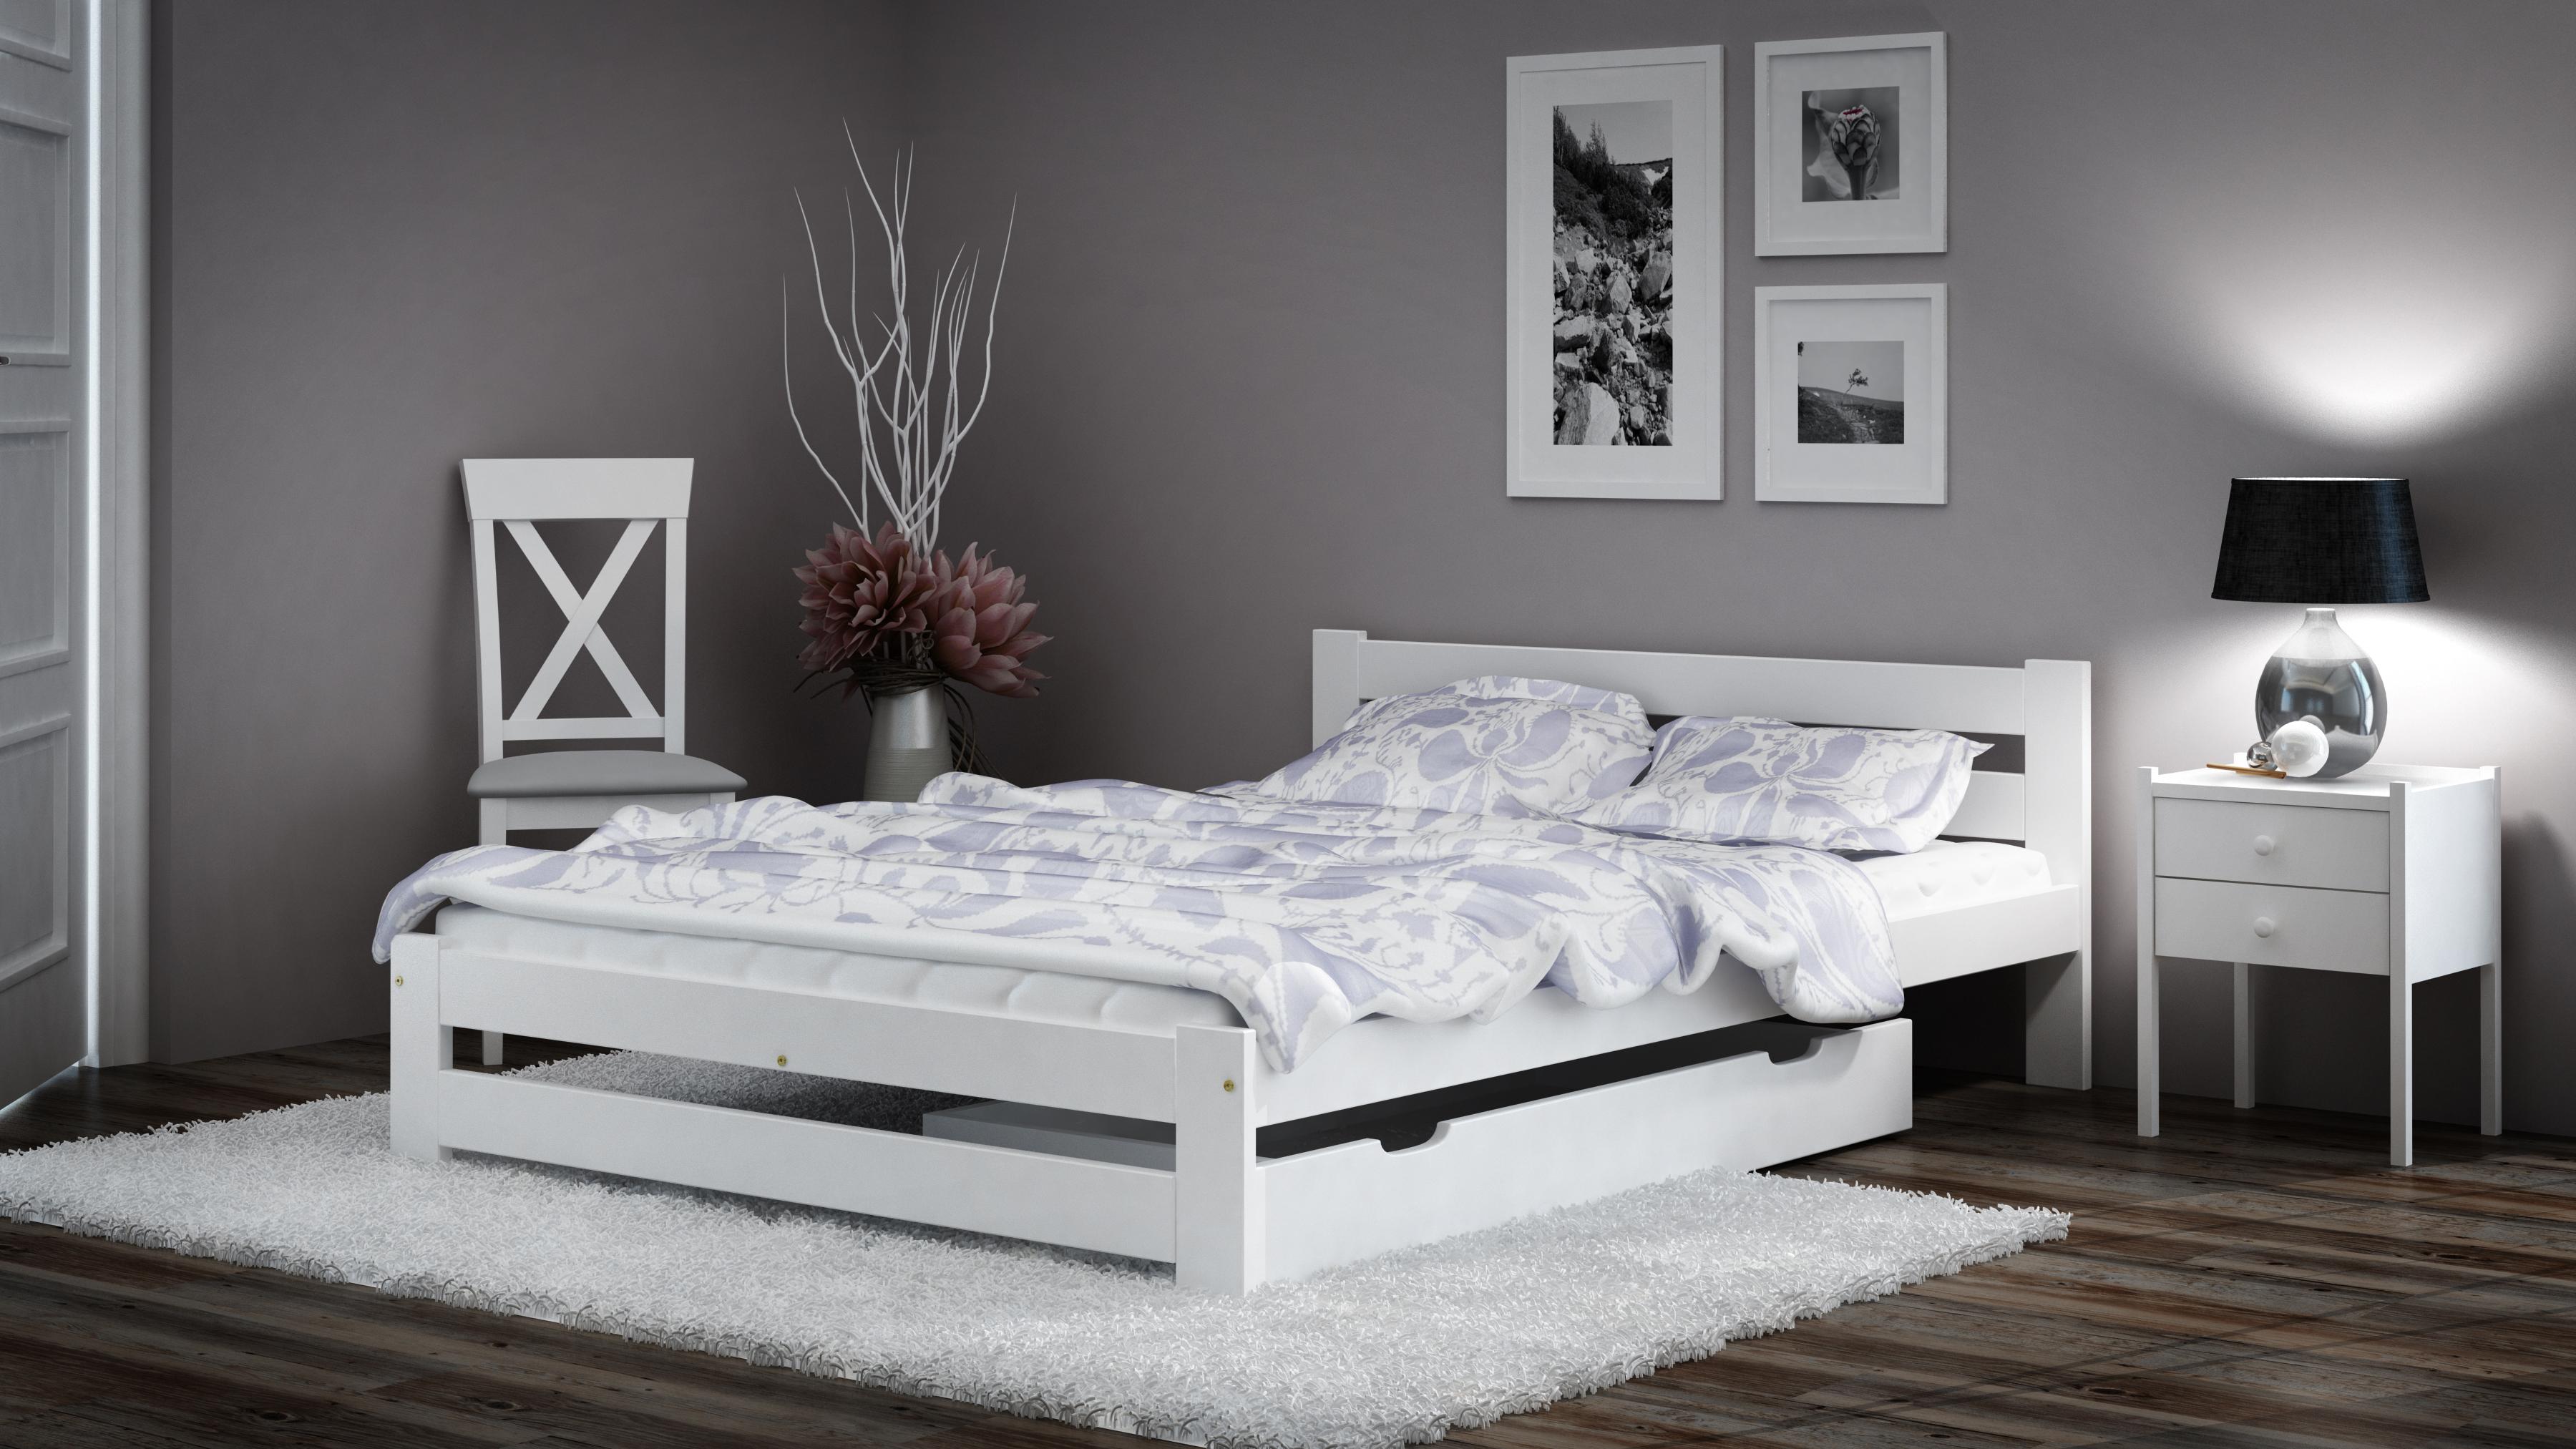 Holzbett Bett Doppelbett weiß Set Nachttisch Bettkasten Matratze ...